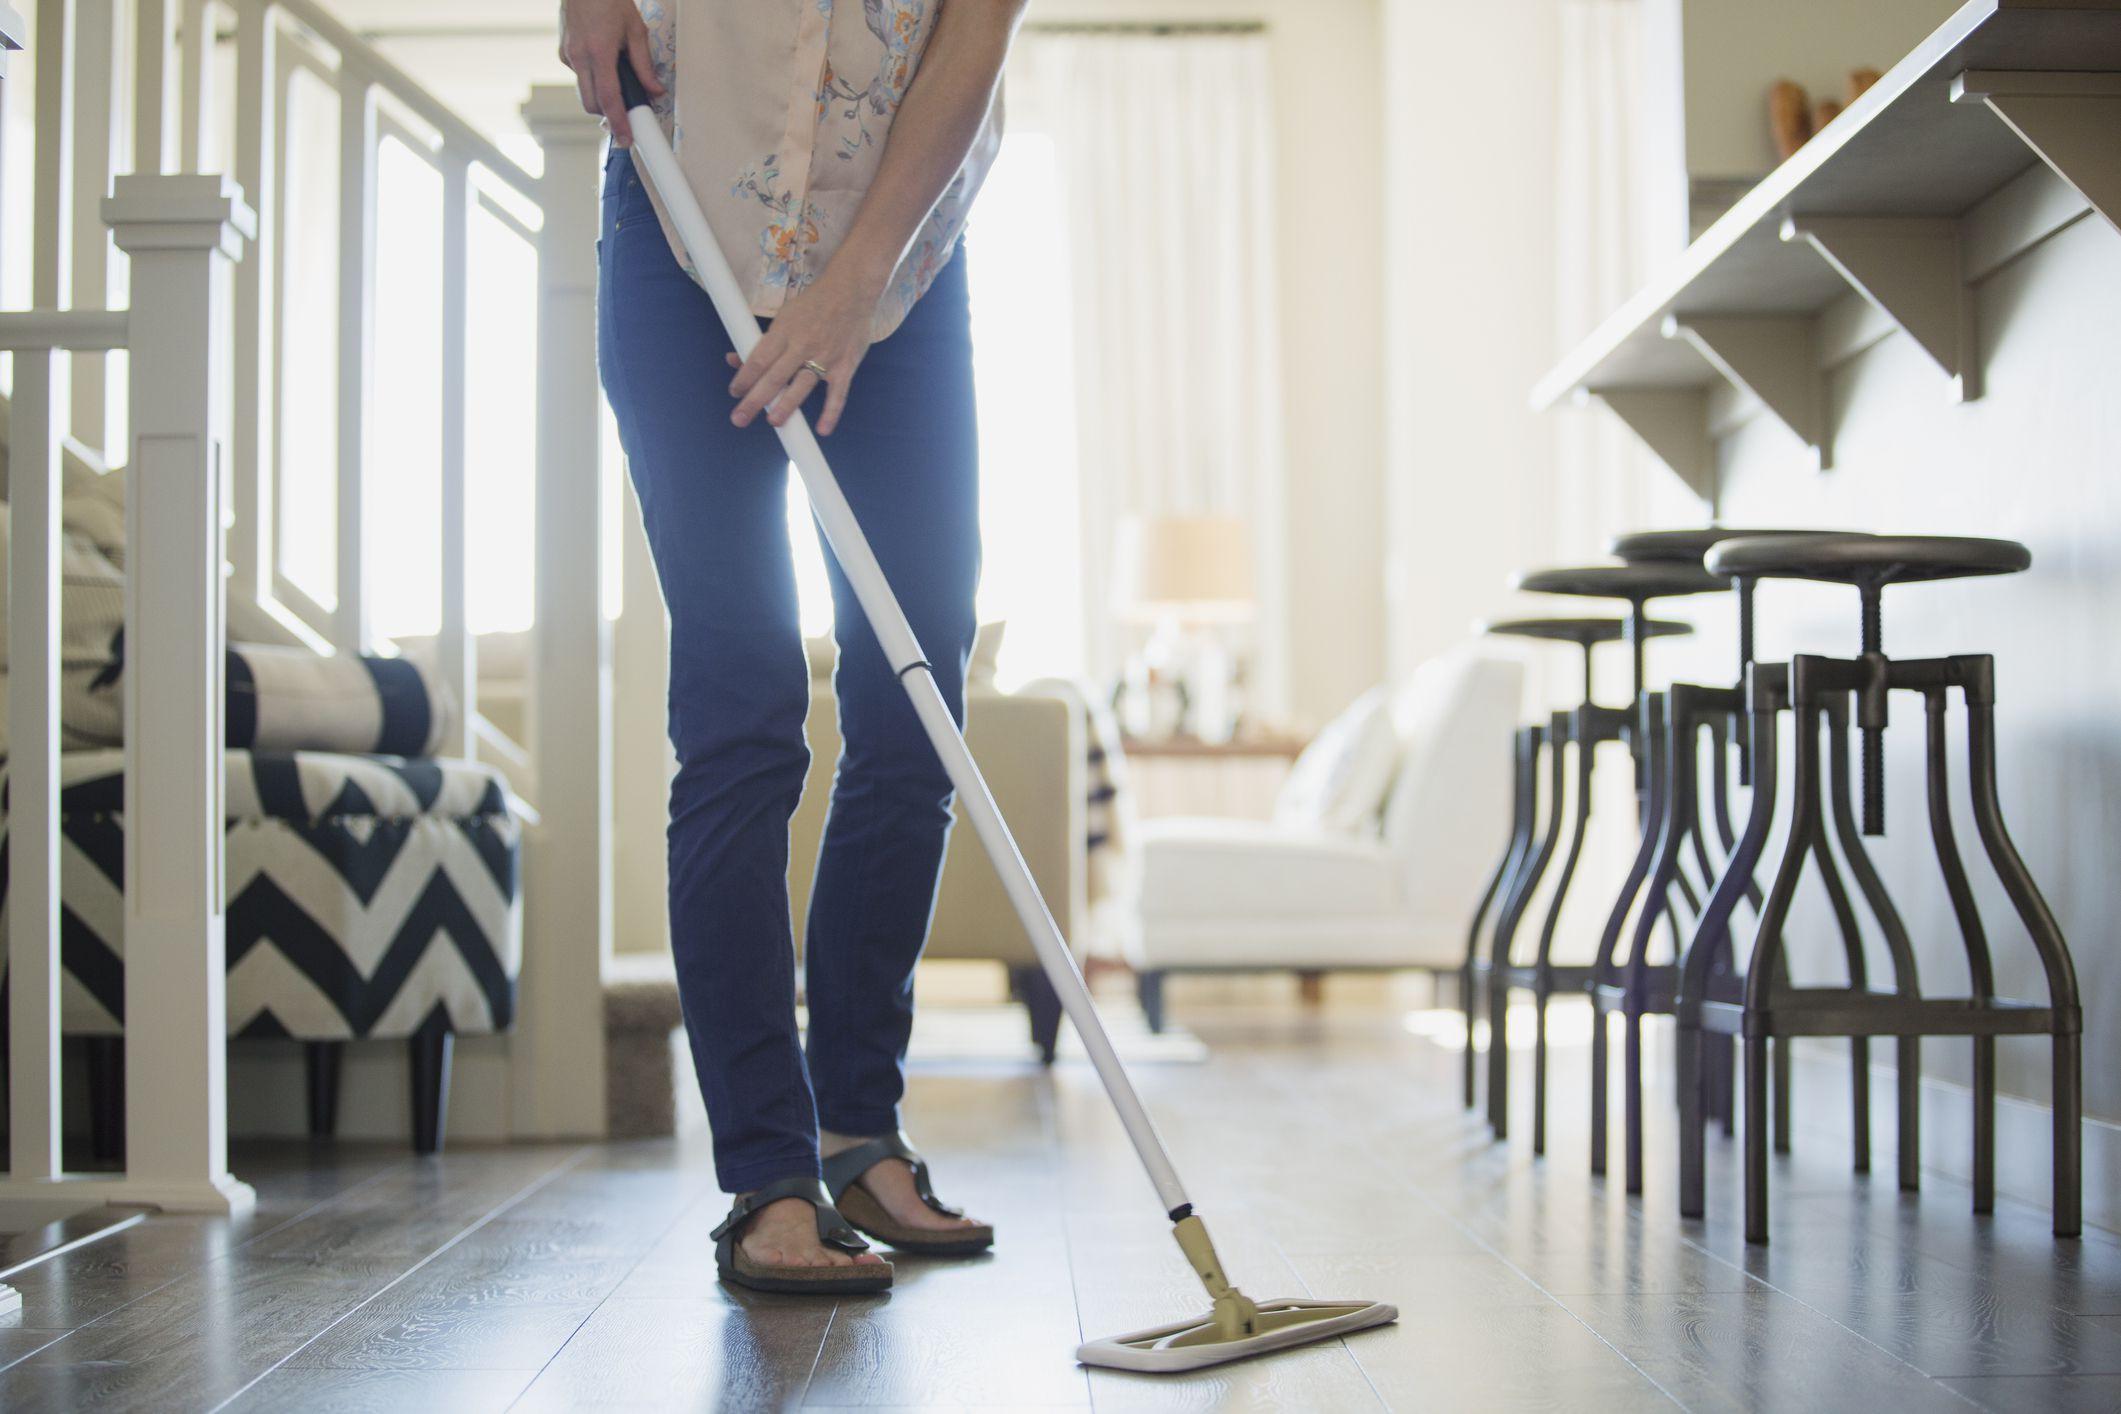 amazon hardwood floor cleaner of the 8 best flat mops to buy in 2018 inside flat mop 607041561 58ea83b95f9b58ef7e0e5d44